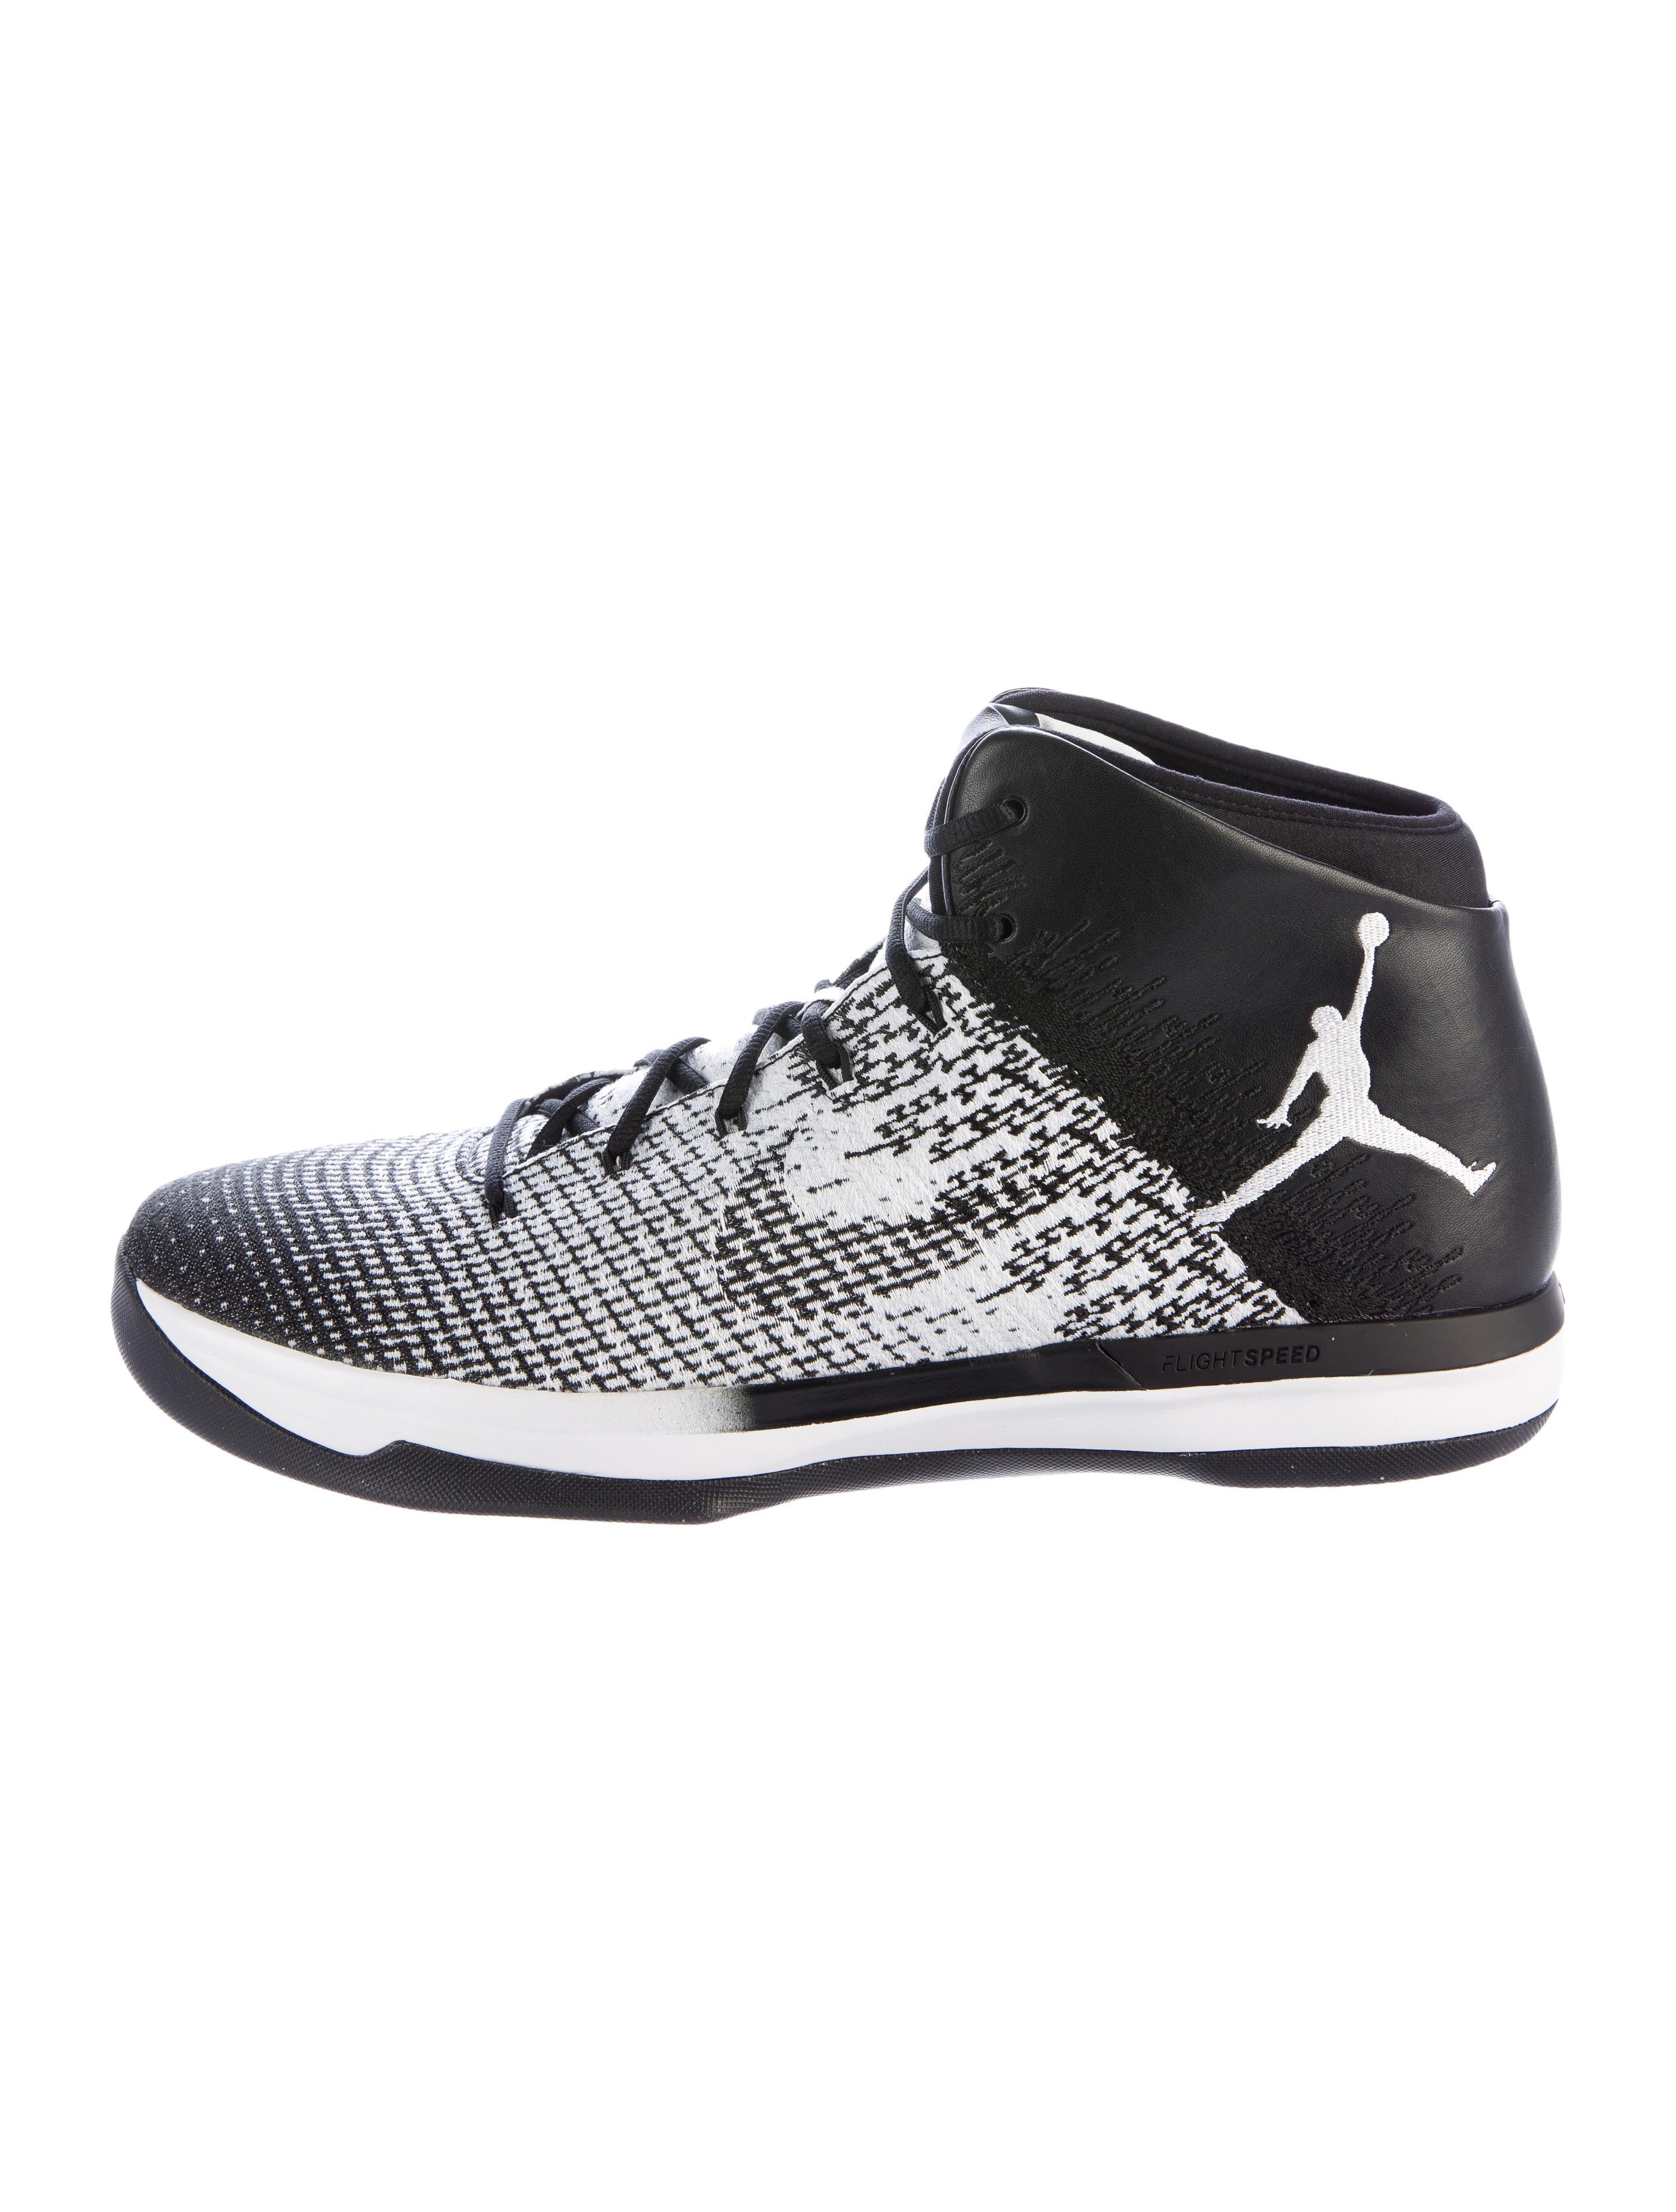 Air Jordans On Sale Online Strive Shoes